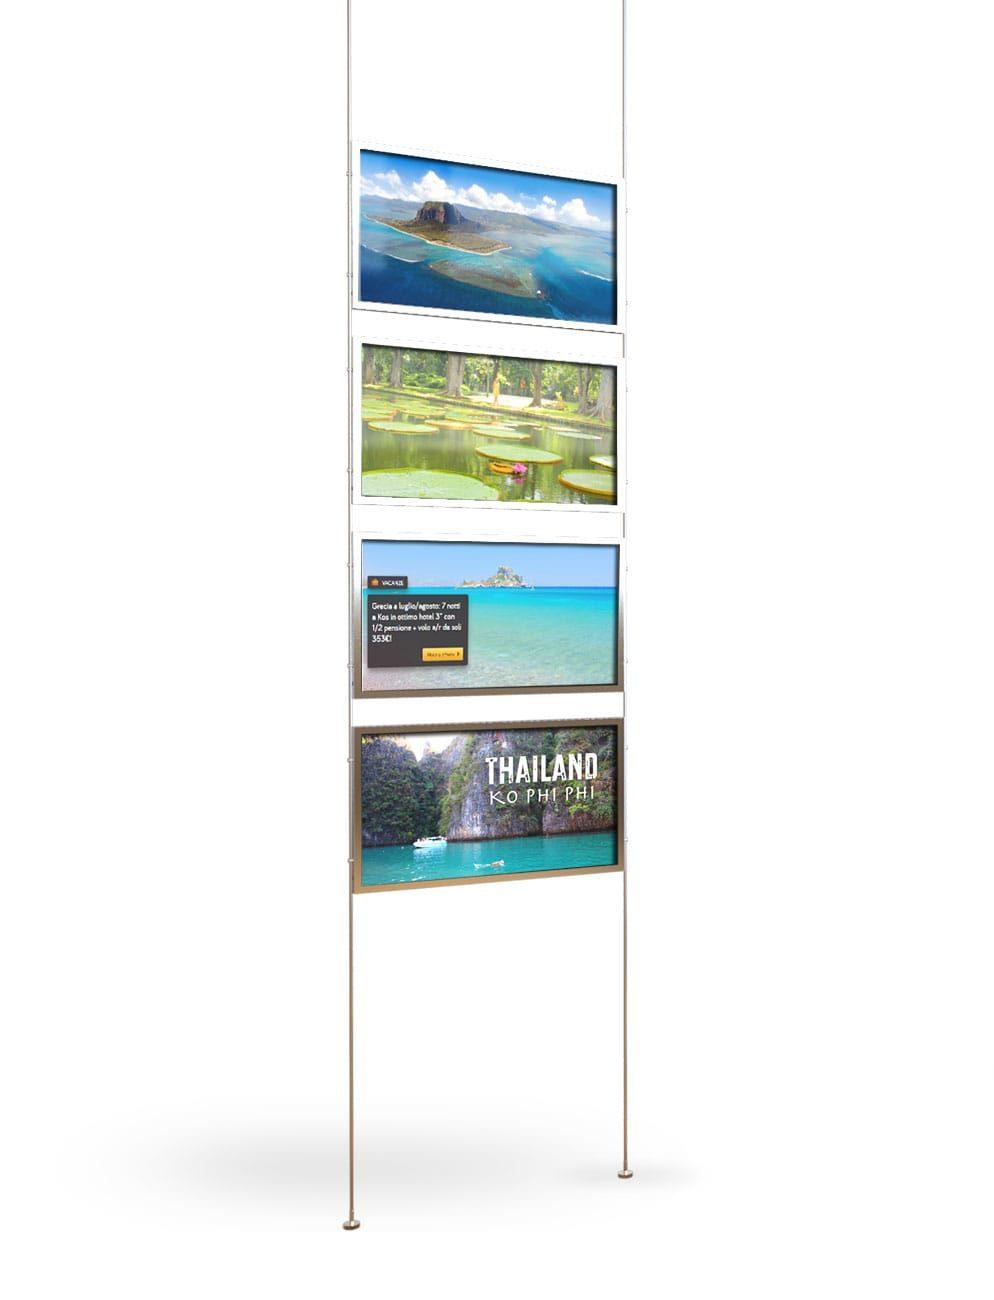 fida_monitor_MHM_L22_Column-min-e1517398503885.jpg